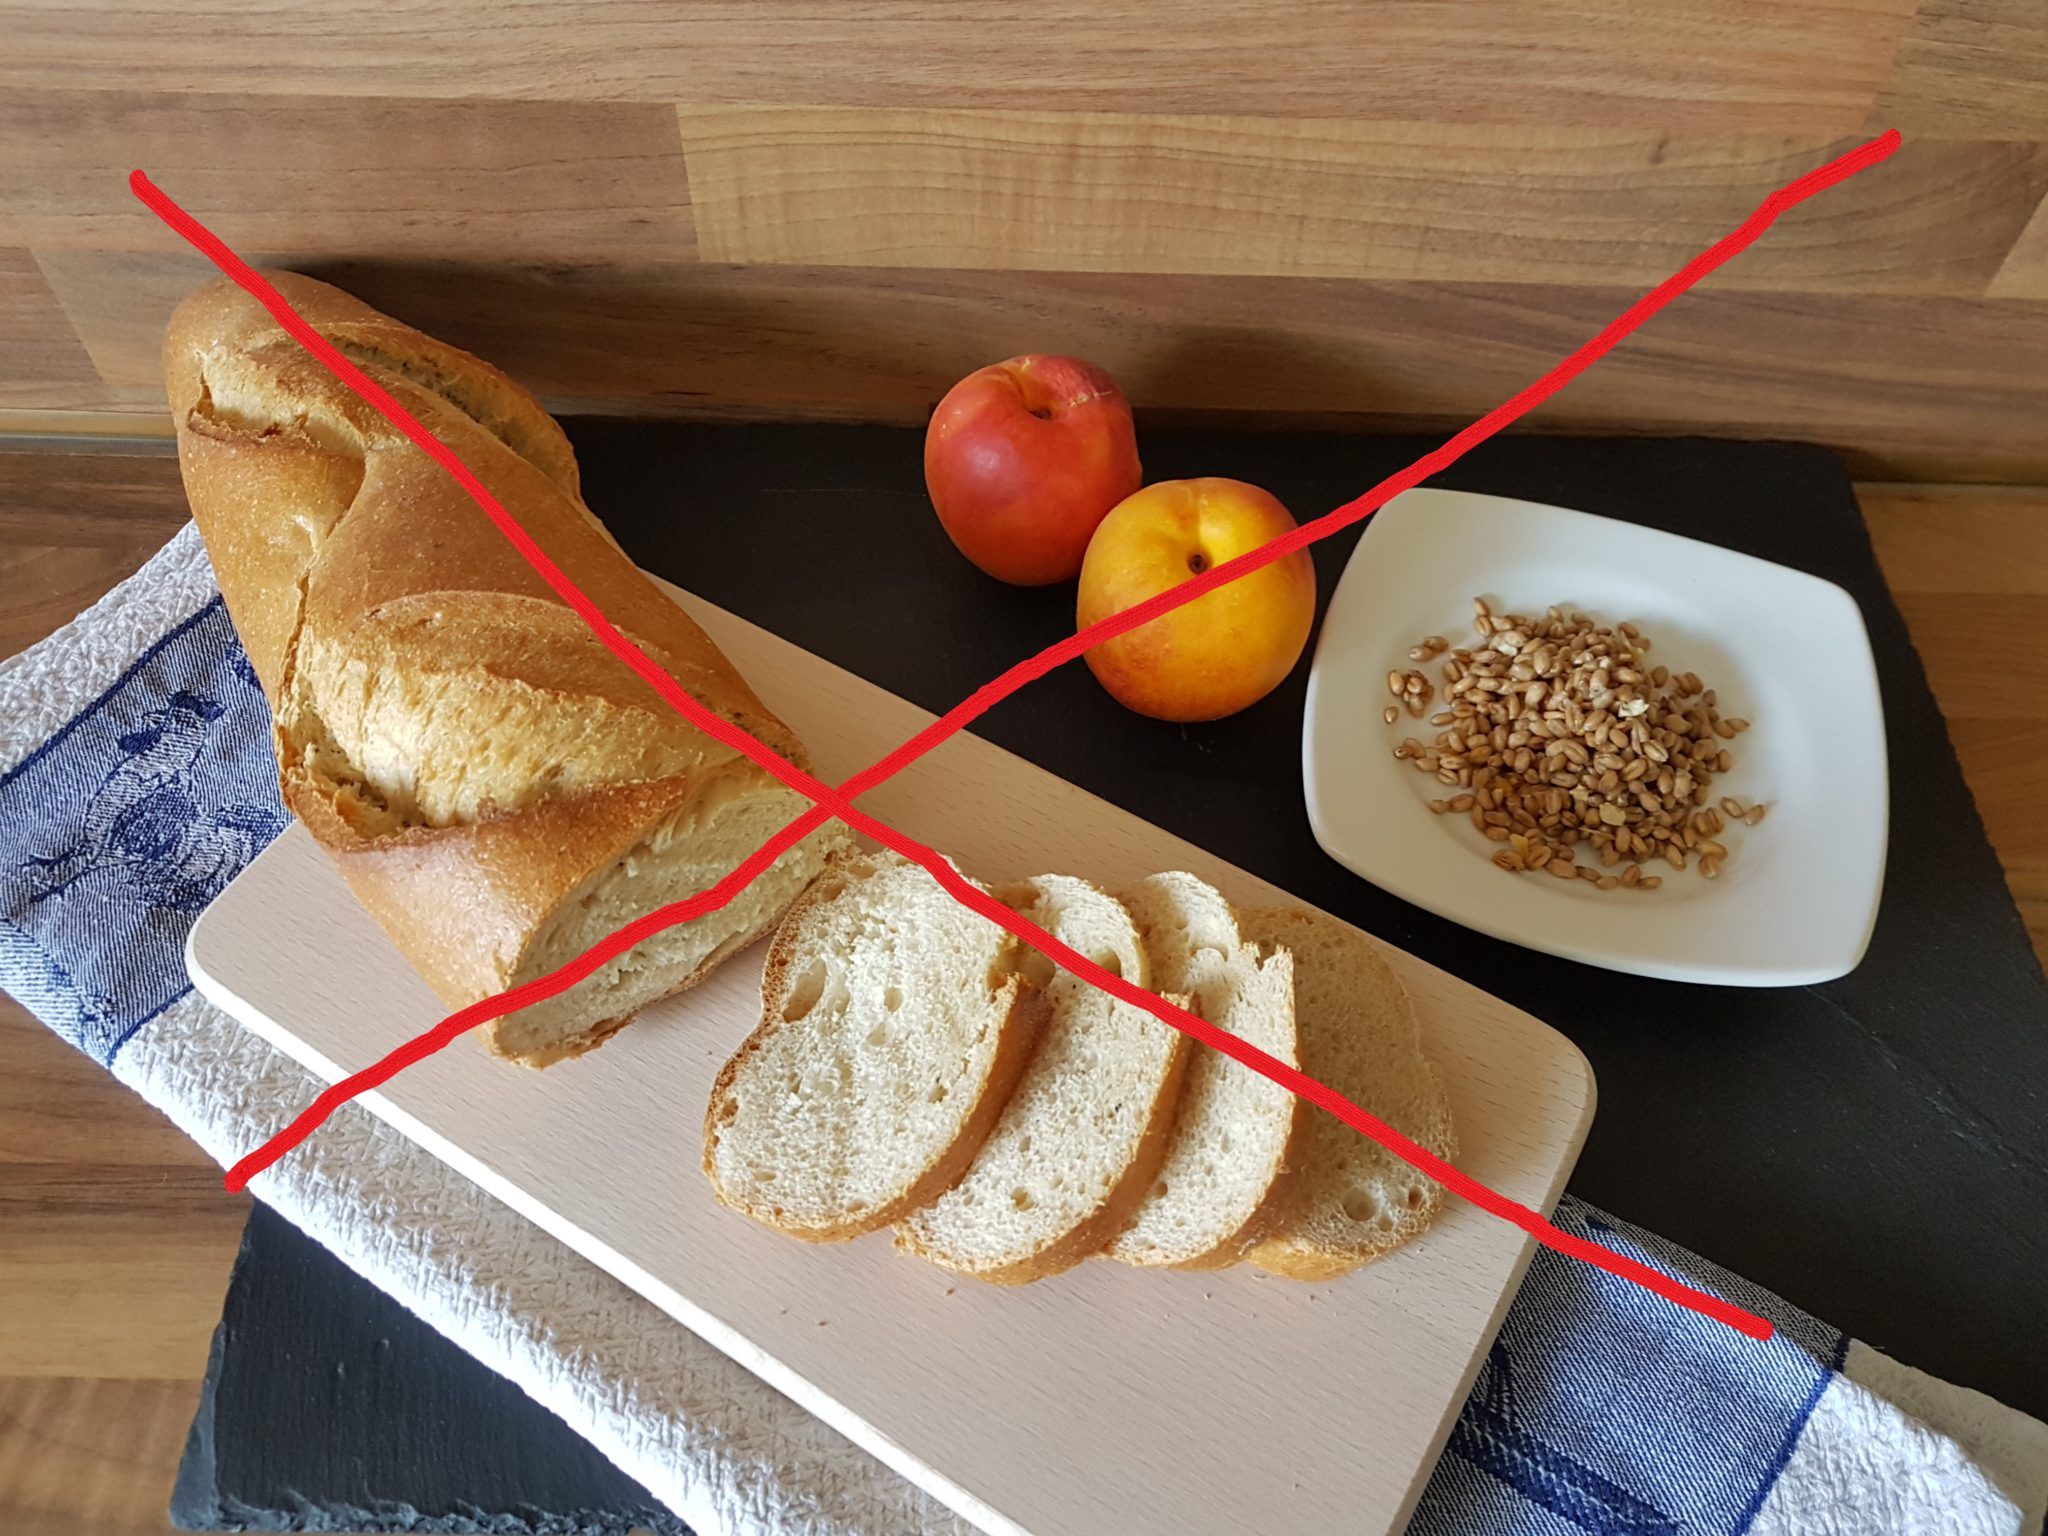 Weizen, schlechtes Eiweiß, Gluten, Diabetes, Suchtgefahr, Krankheiten